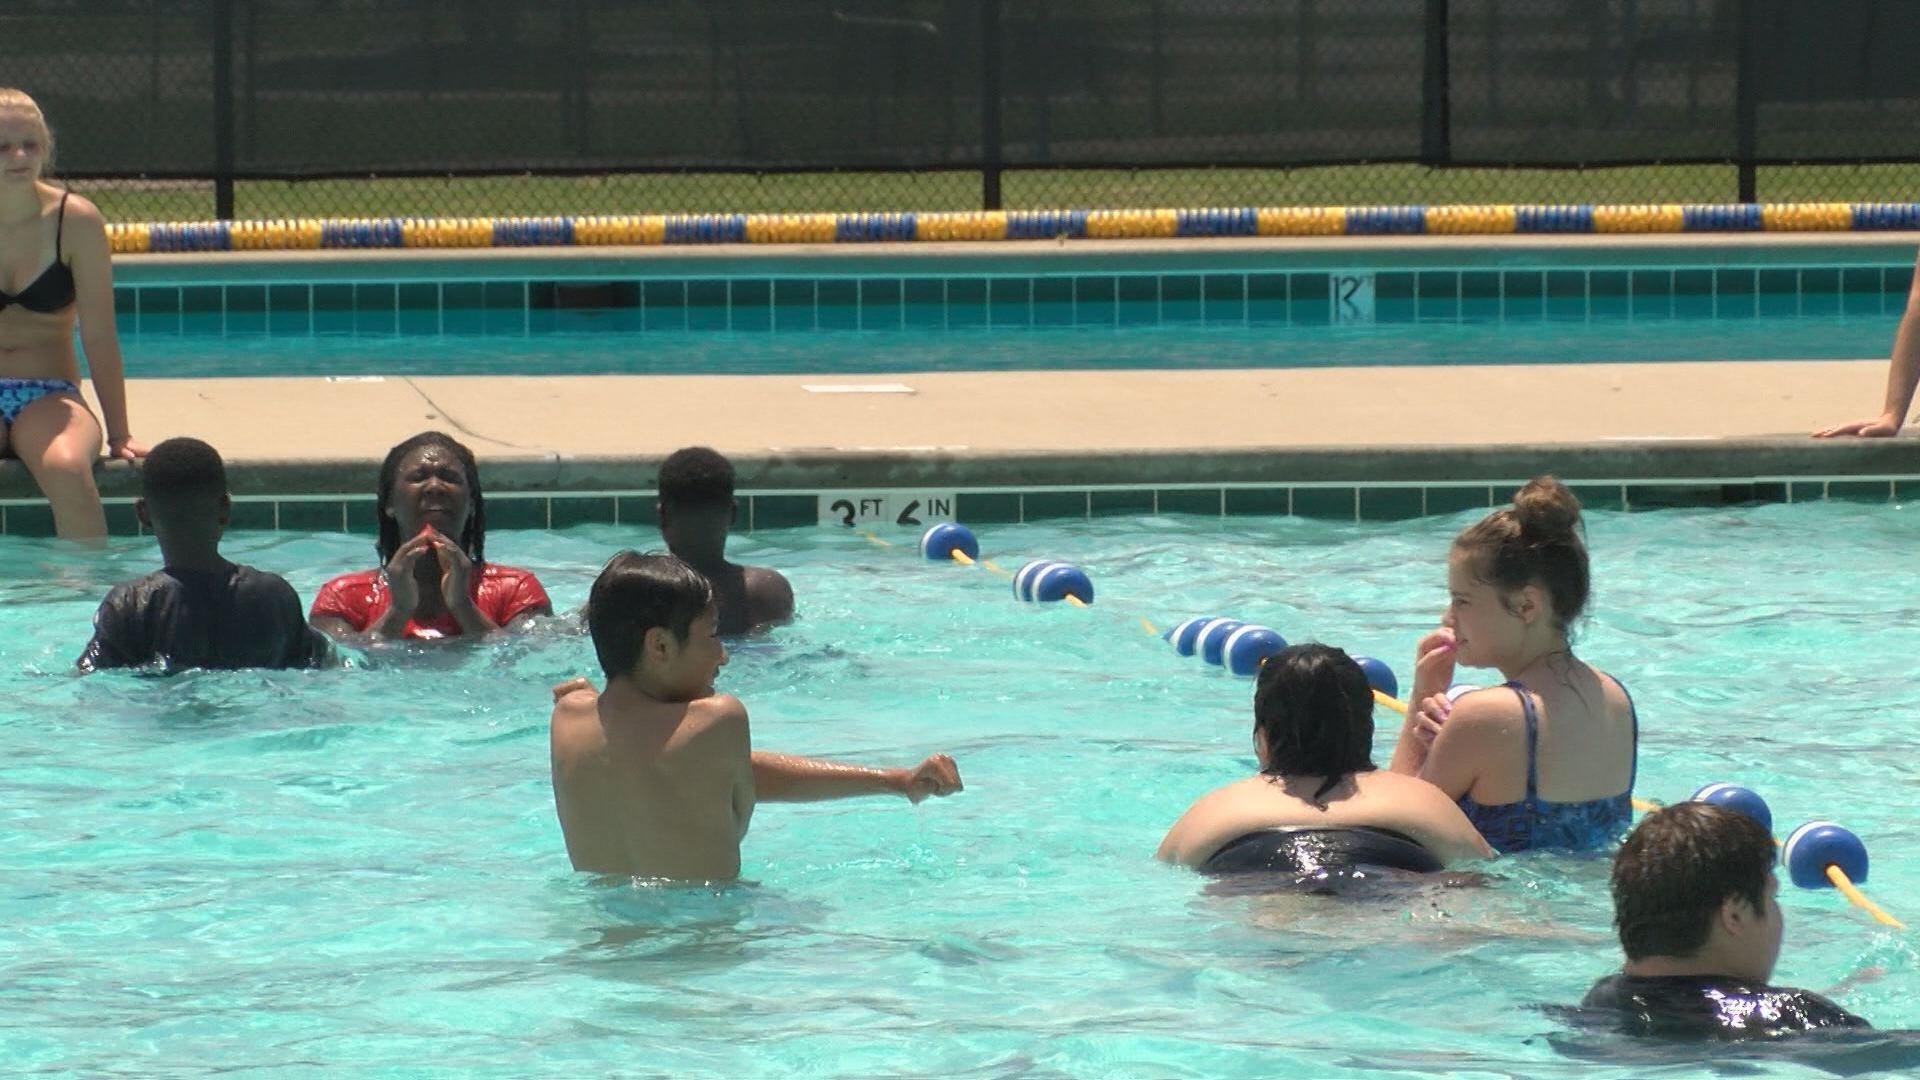 greenville pool open_419054